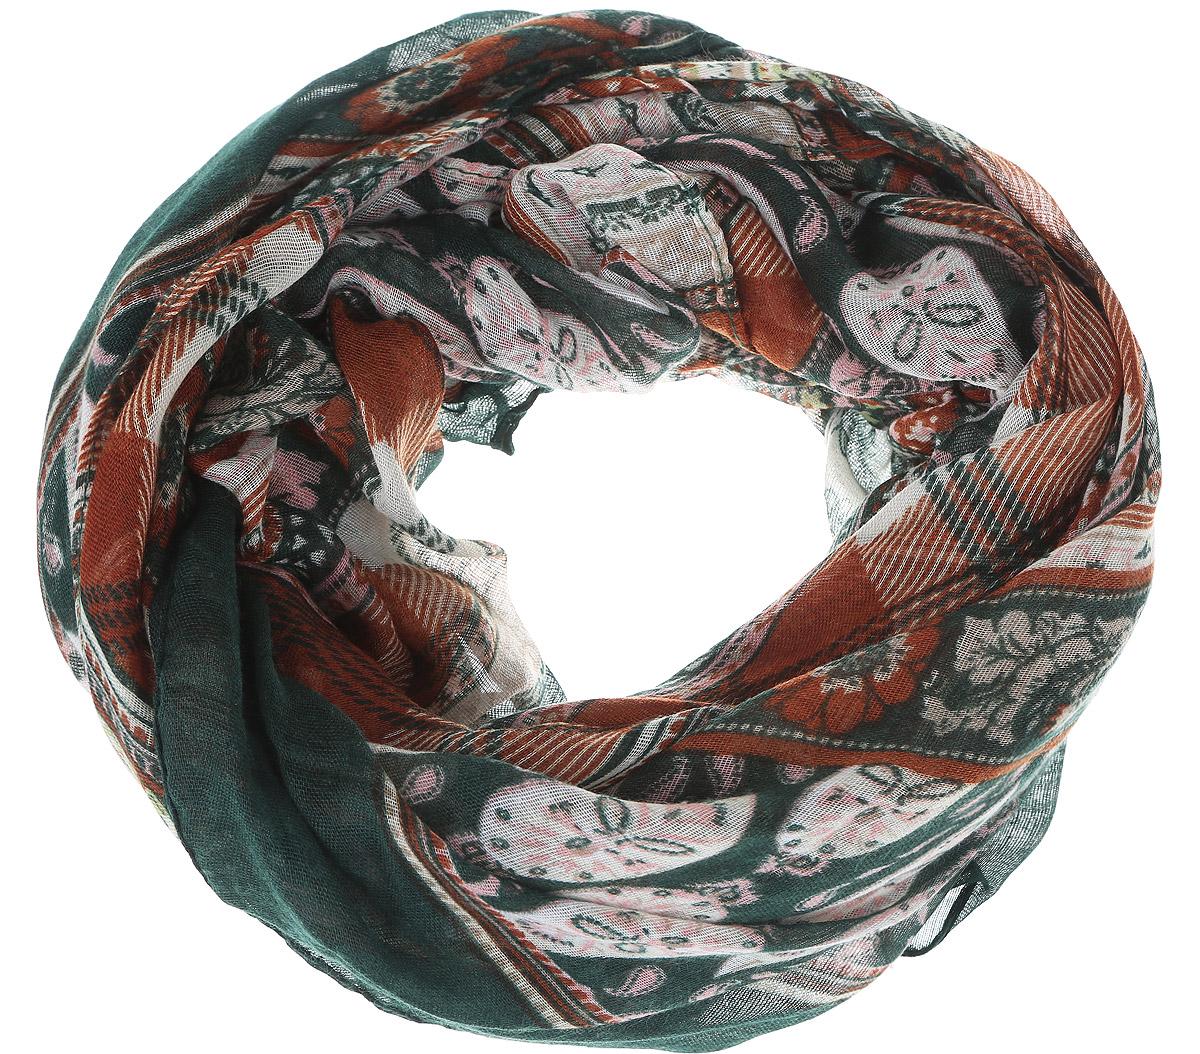 ШарфB313_Deep Forest PrintedМодный женский шарф Baon подарит вам уют и станет стильным аксессуаром, который призван подчеркнуть вашу индивидуальность и женственность. Легкий шарф выполнен из вискозы с добавлением шелка, он невероятно мягкий и приятный на ощупь. Шарф оформлен этническим орнаментом. Этот модный аксессуар гармонично дополнит образ современной женщины, следящей за своим имиджем и стремящейся всегда оставаться стильной и элегантной. Такой шарф украсит любой наряд и согреет вас в непогоду, с ним вы всегда будете выглядеть изысканно и оригинально.